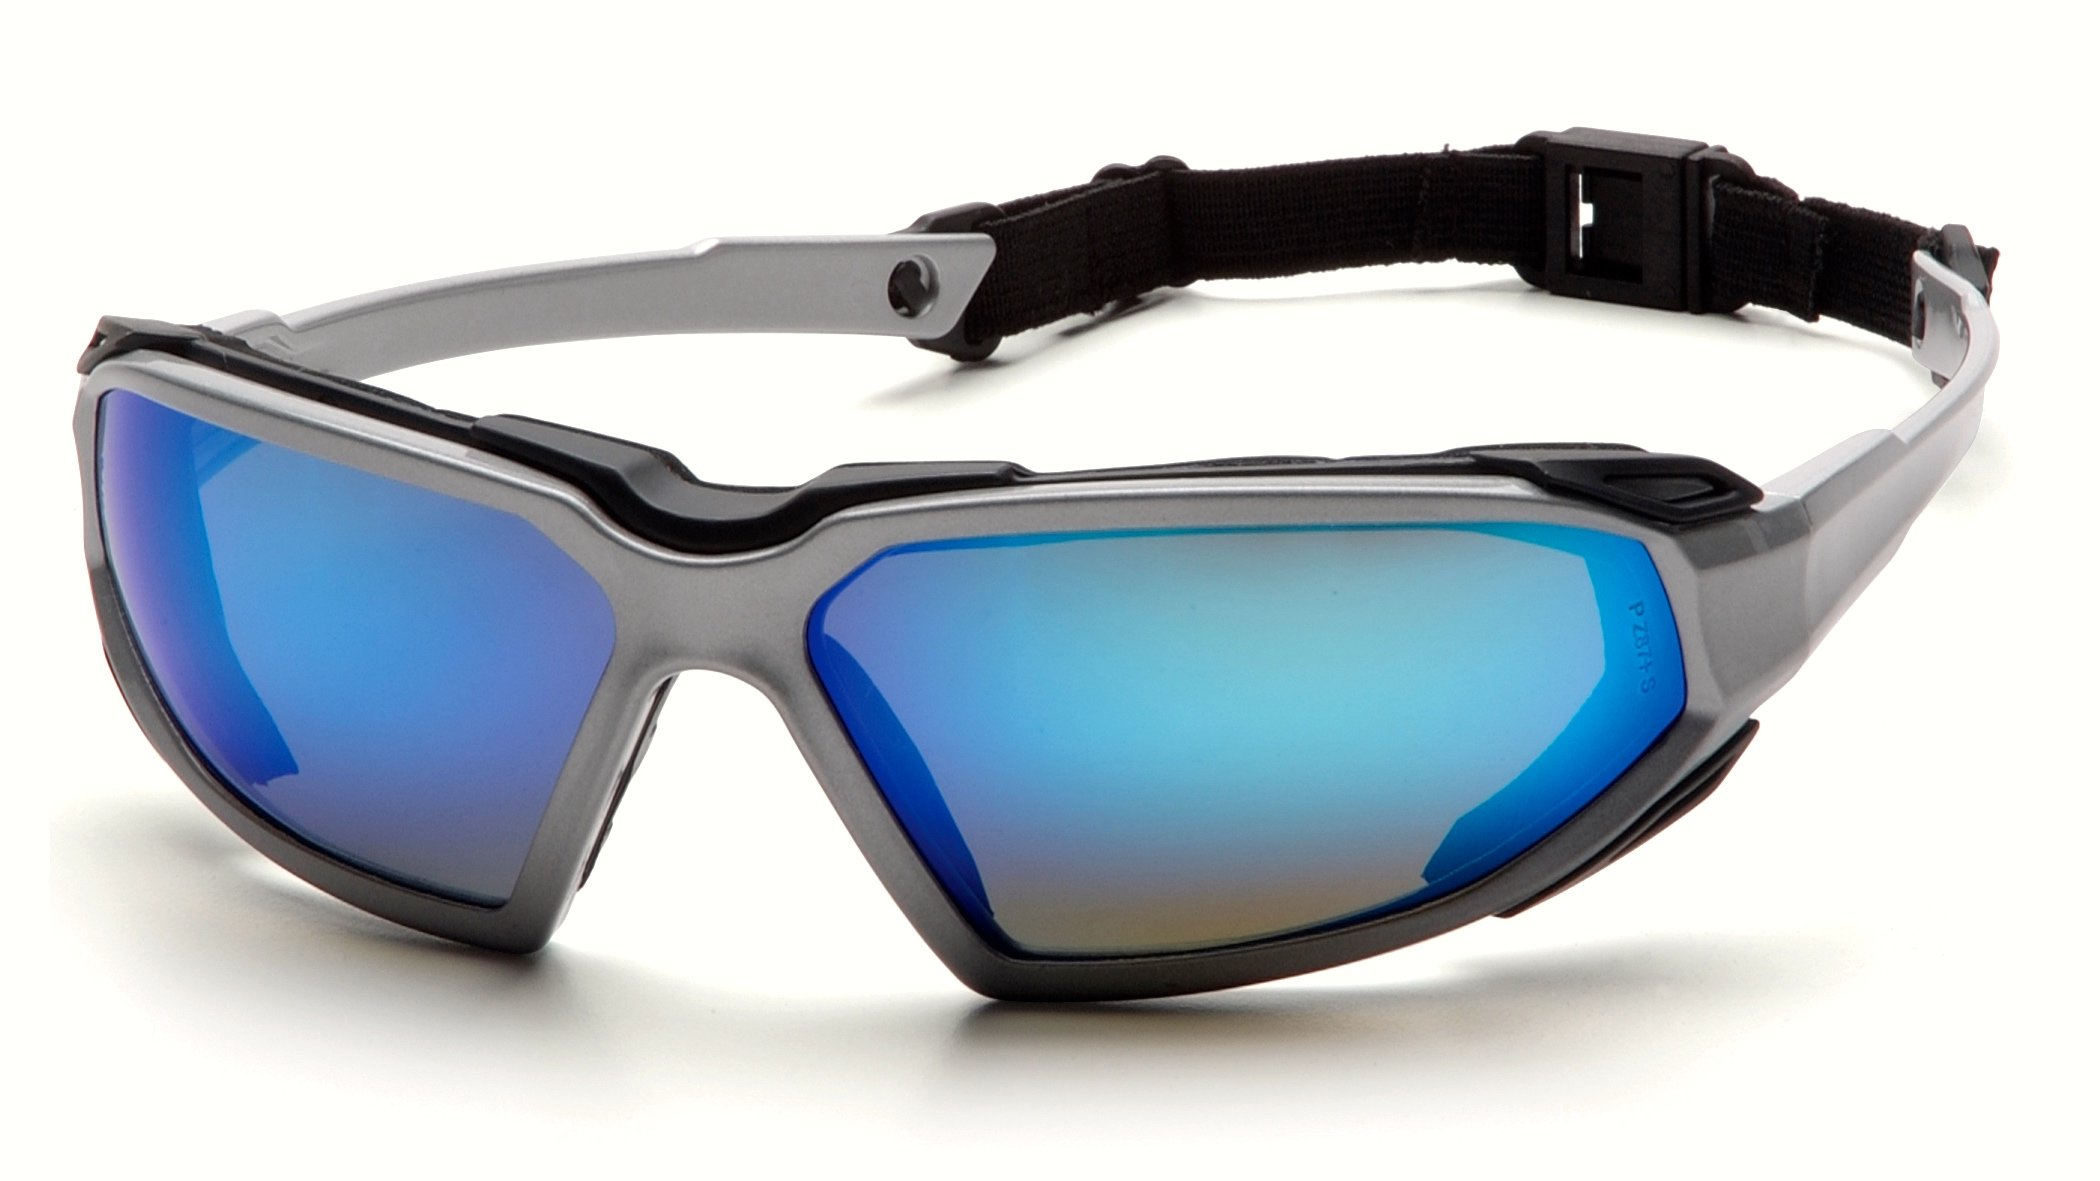 Pyramex Highlander Safety Eyewear, Silver-Black Frame/Ice Blue Mirror Anti-Fog Lens